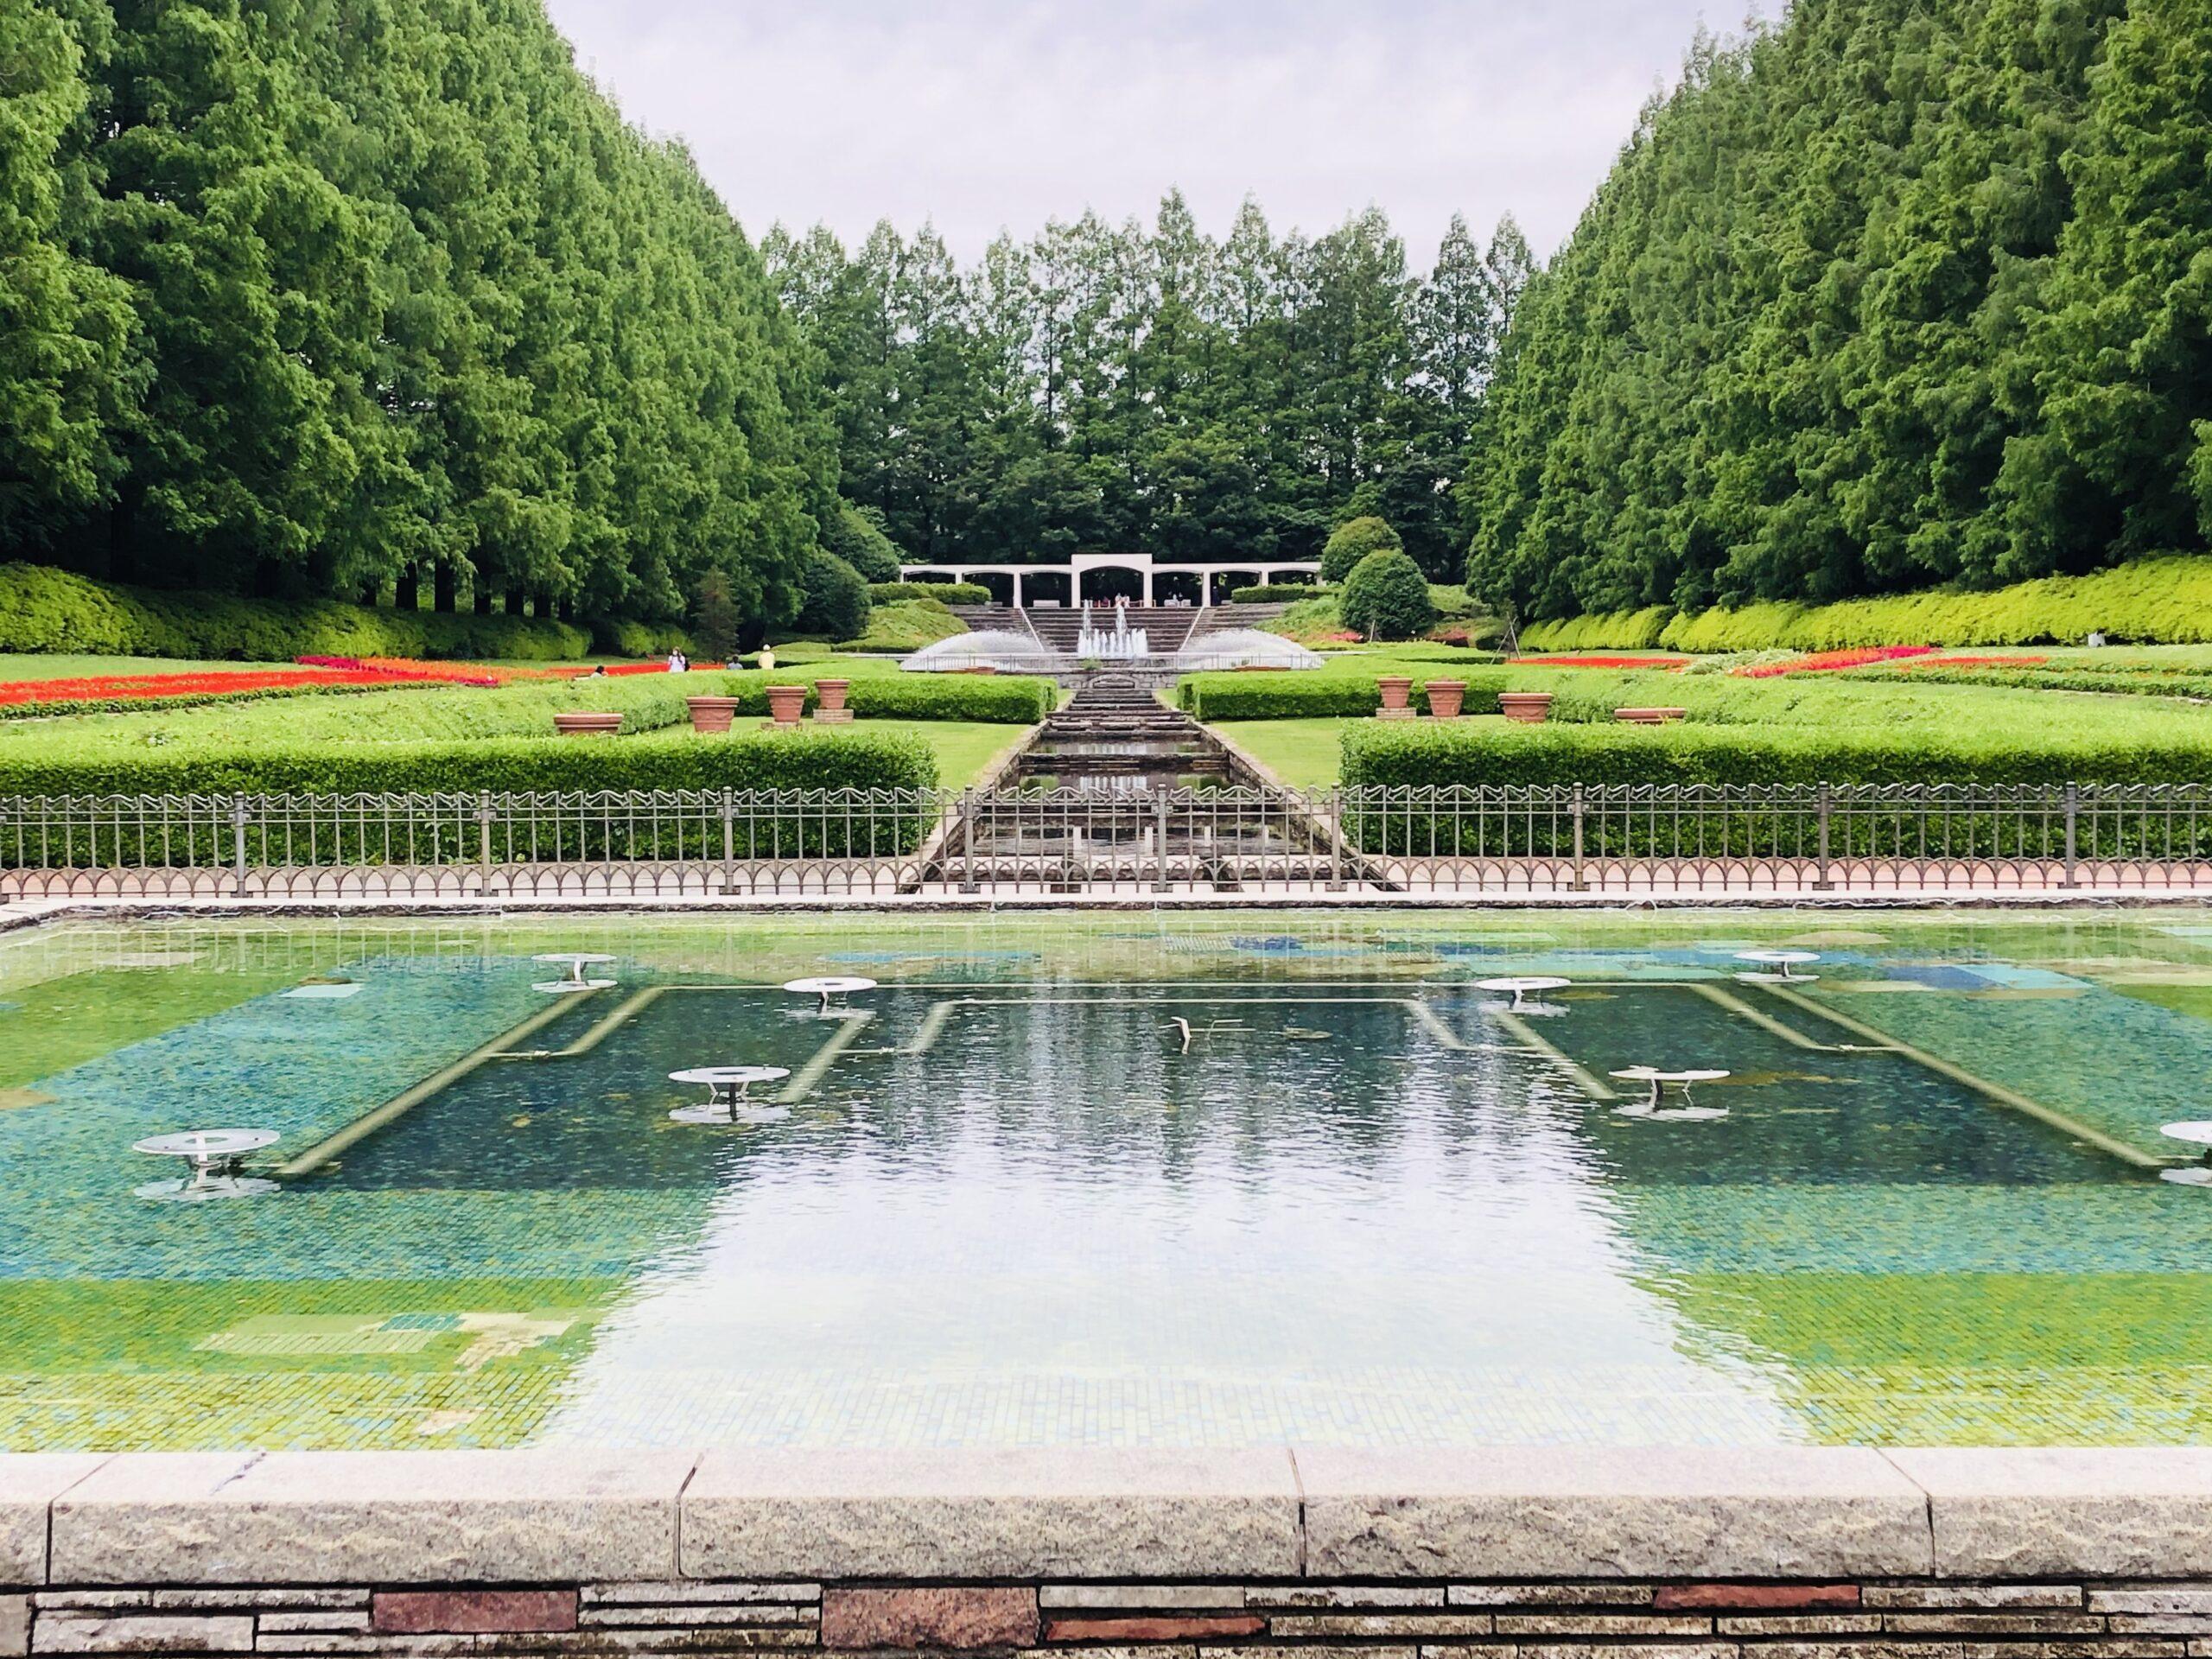 フランス庭園の投稿写真